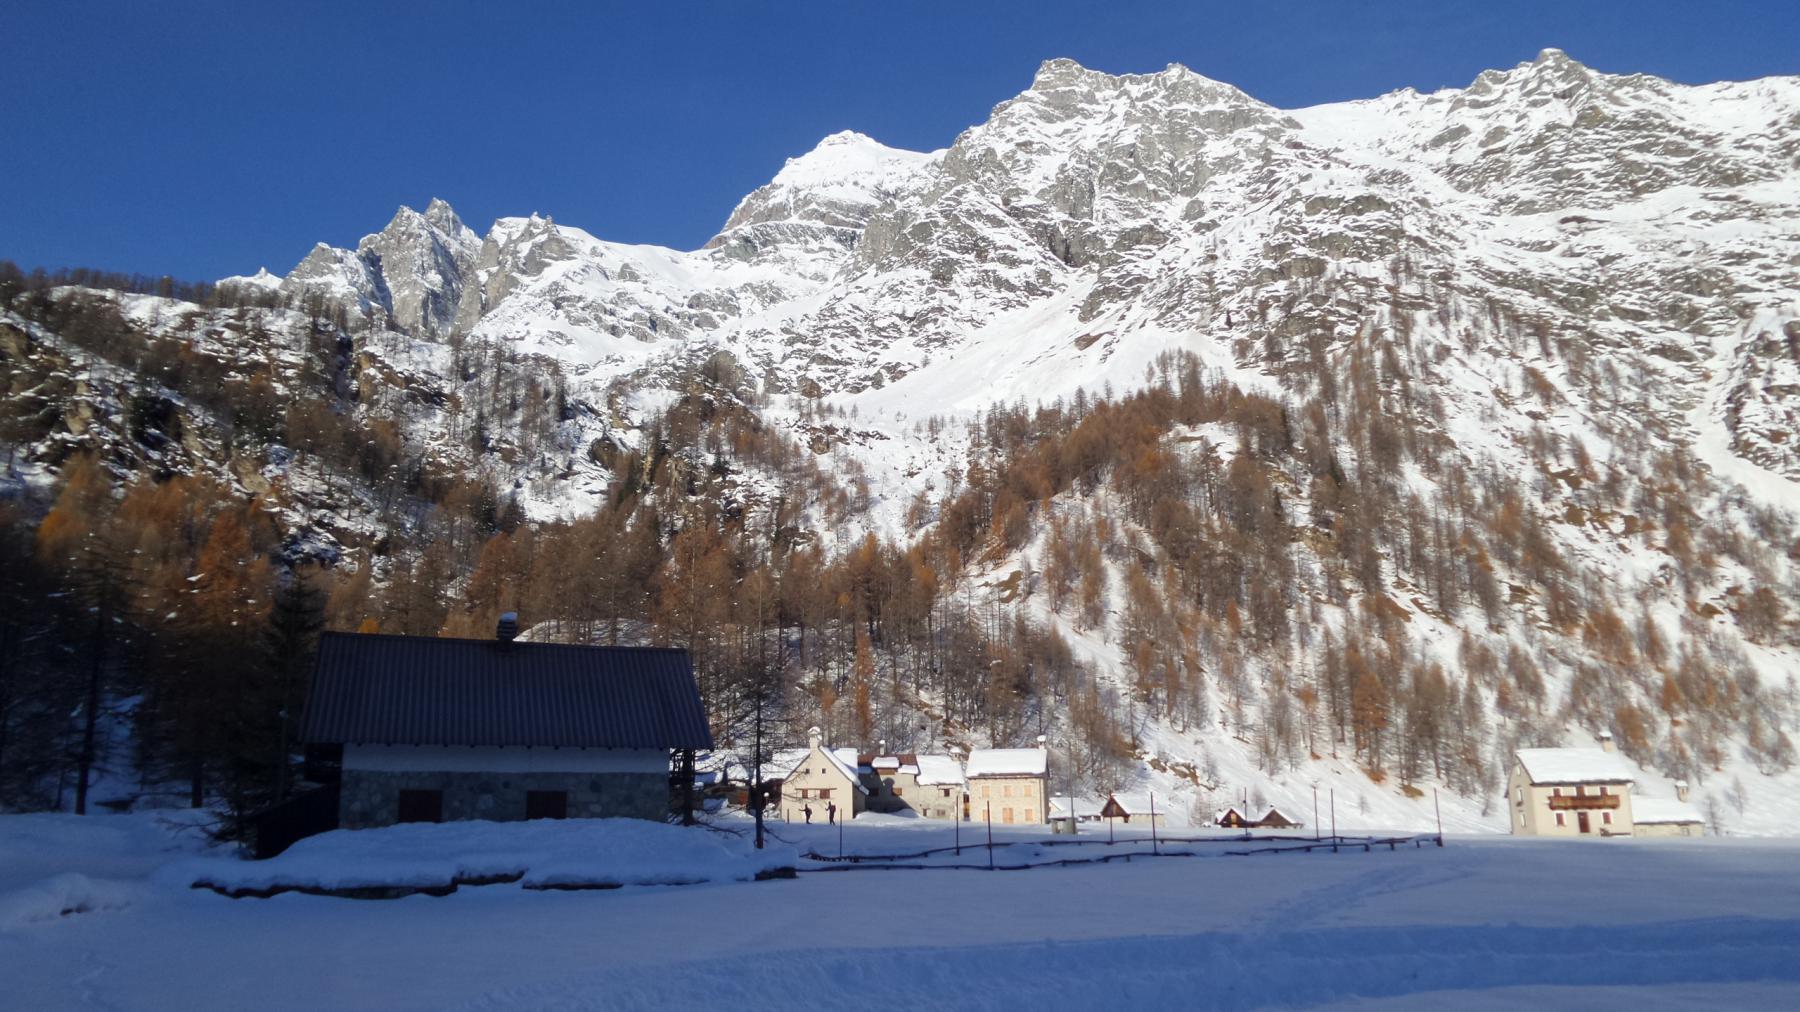 il grande e splendido pianoro dell'Alpe Devero